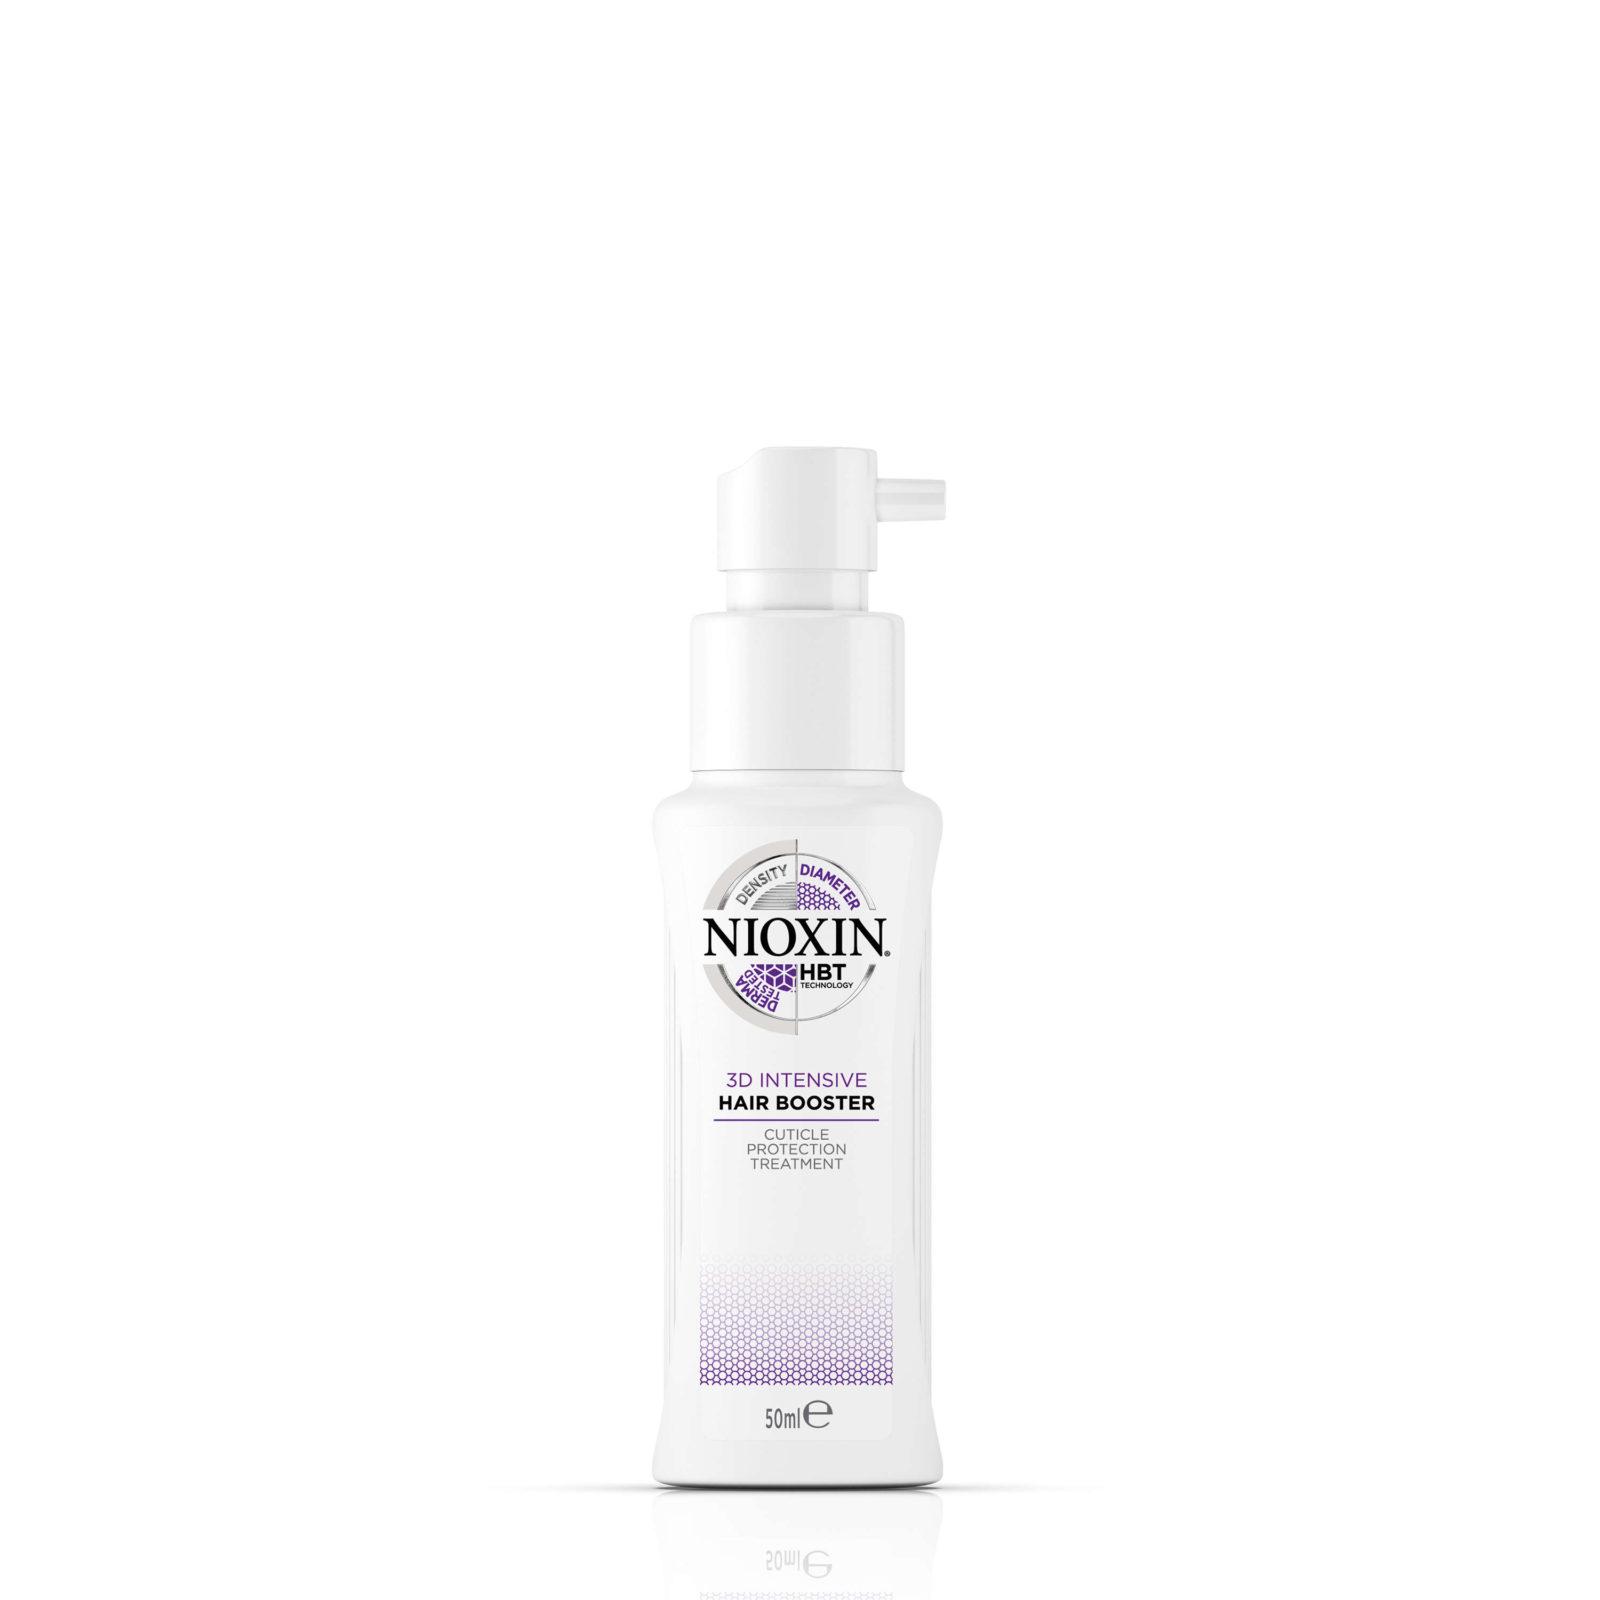 Tuotekuva: NIOXIN 3D Intensive Hair Booster (50ml) -tehohoito oheneville hiuksille